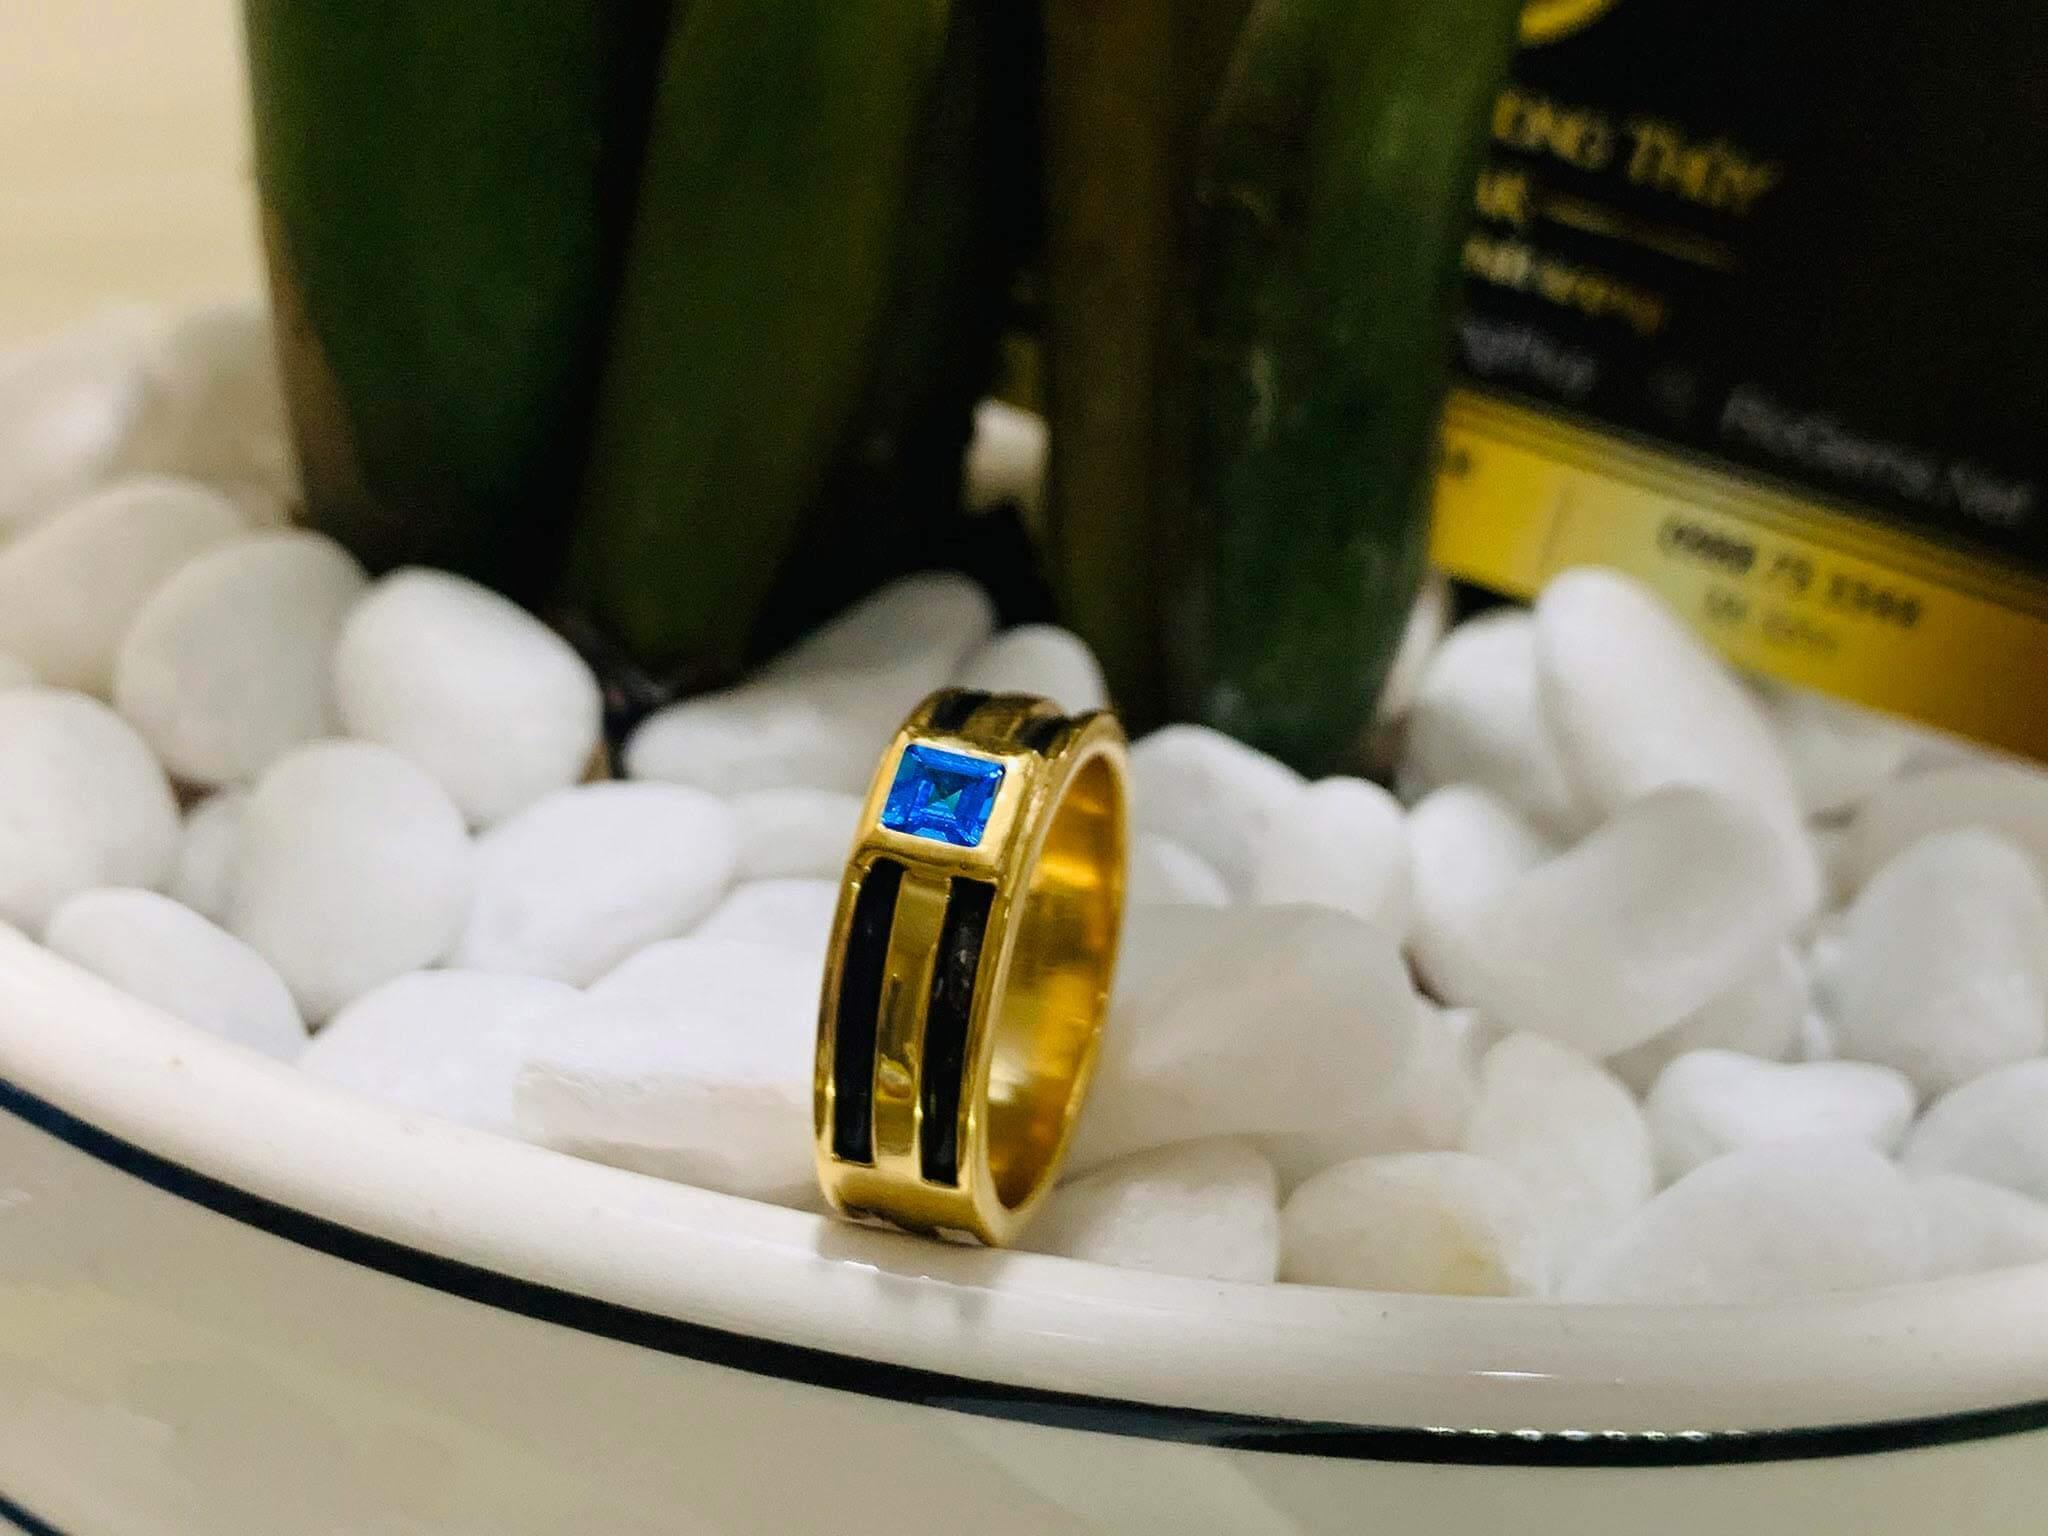 Nhẫn vàng nam mặt đá Topaz vuông xanh dương luồng 2 lông voi hợp mệnh